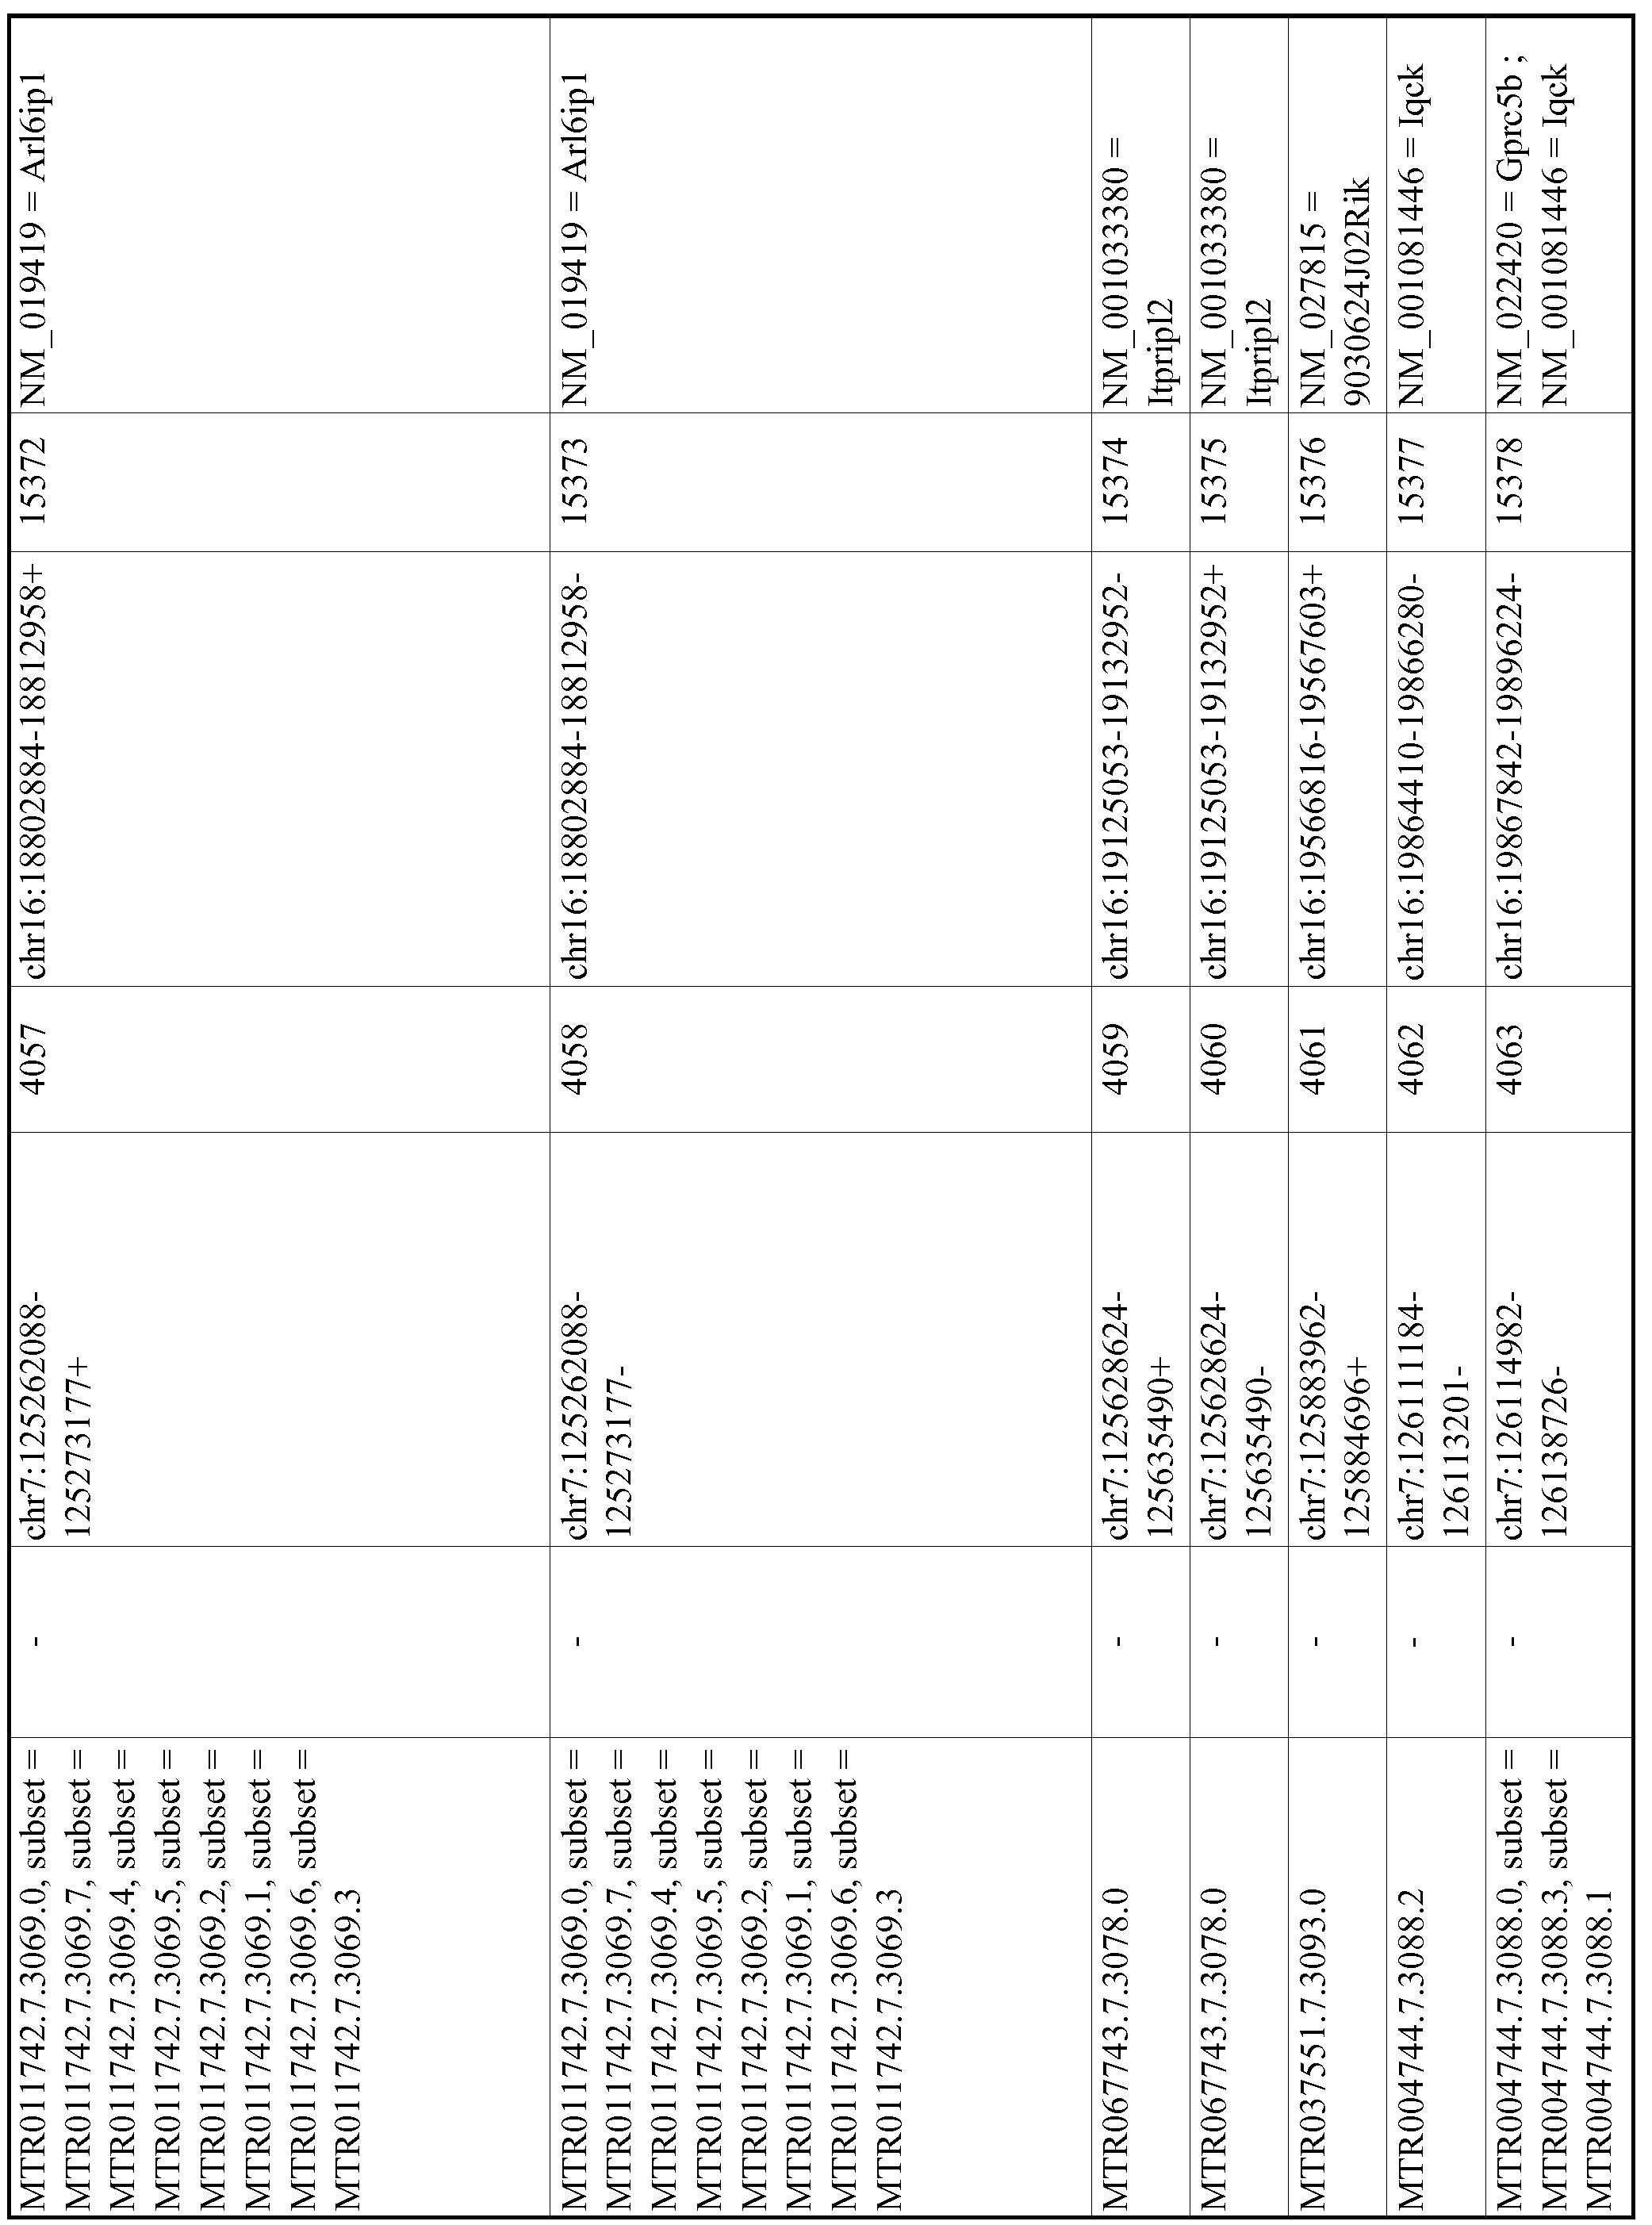 Figure imgf000770_0001